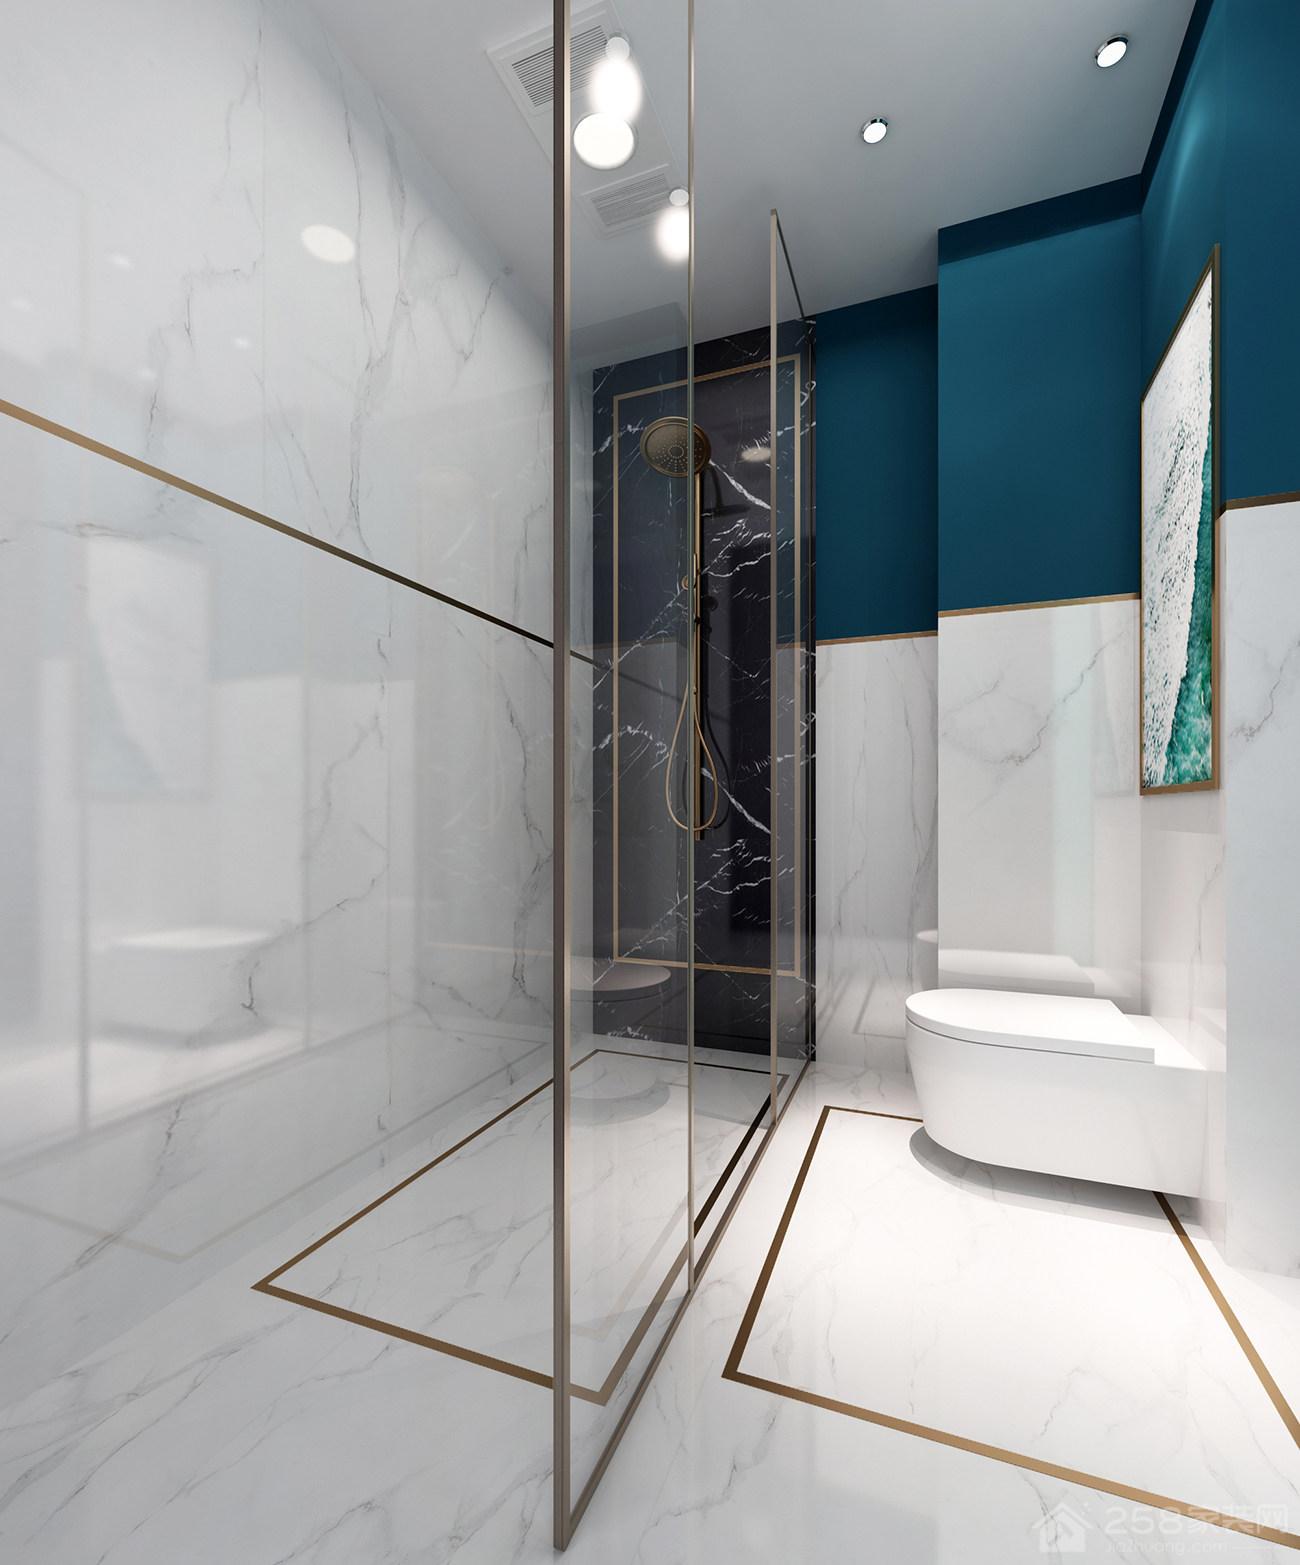 卫生间透明干湿分离淋浴房效果图